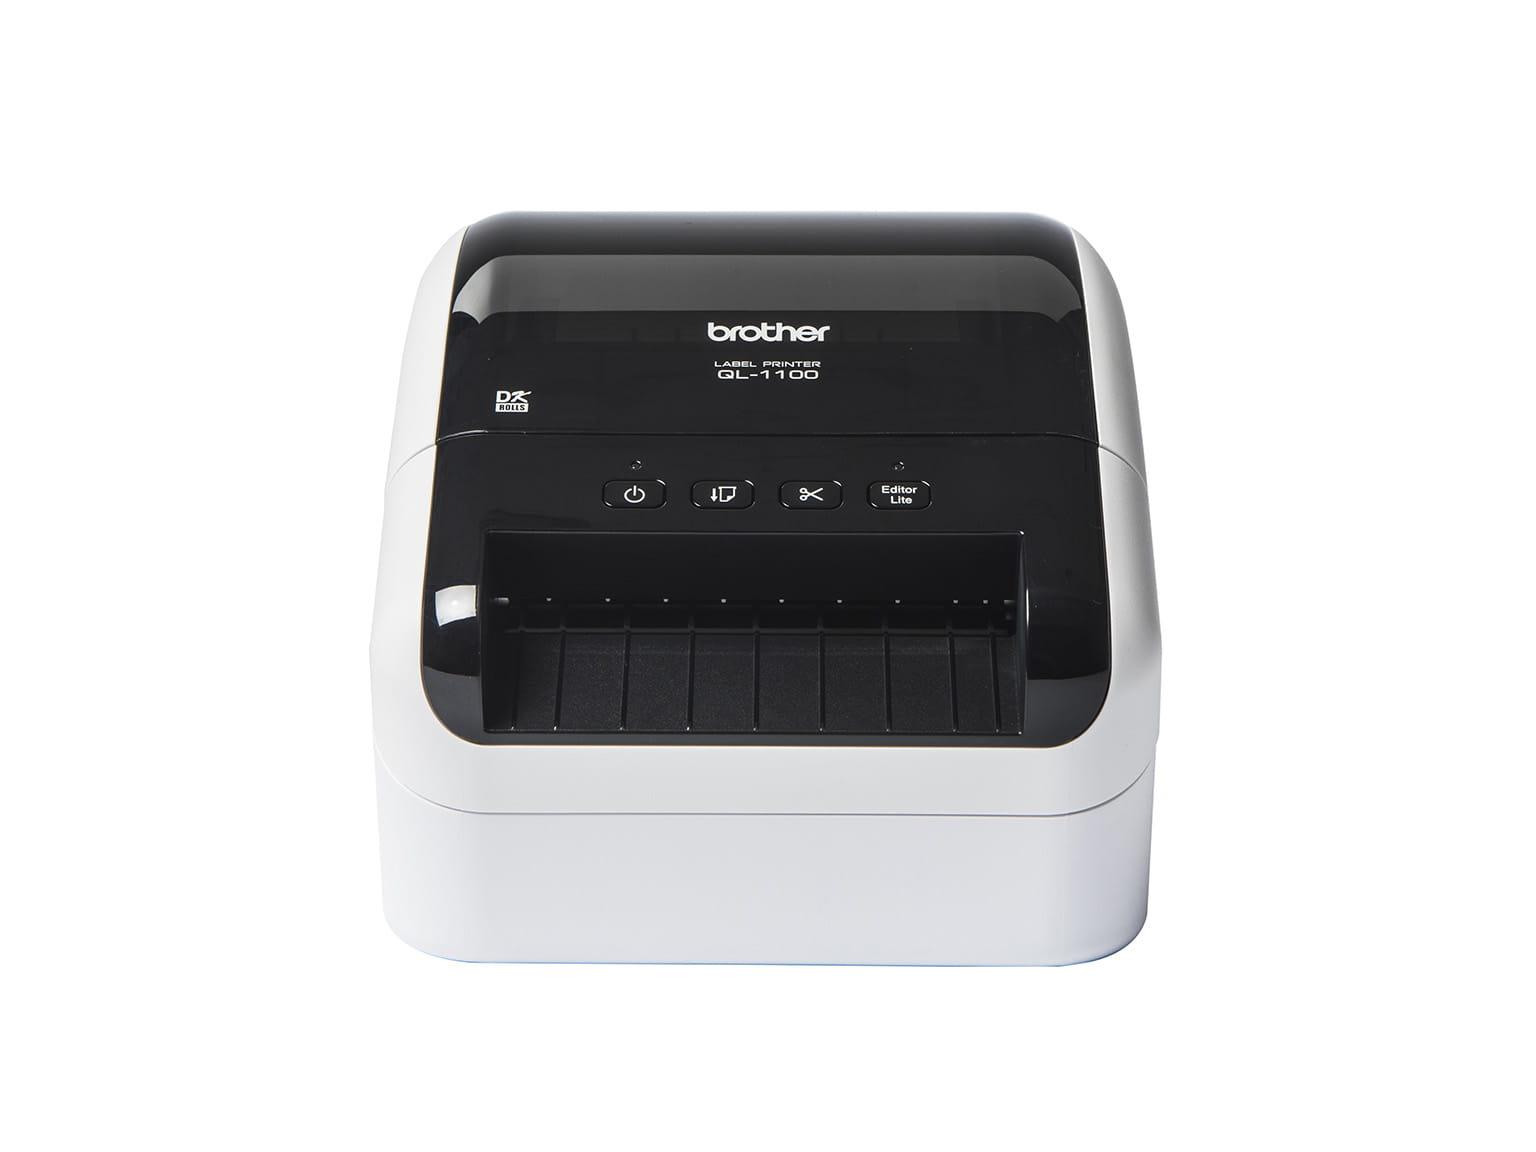 Tiskárna štítků Brother řady QL-1100 pro zdravotnictví